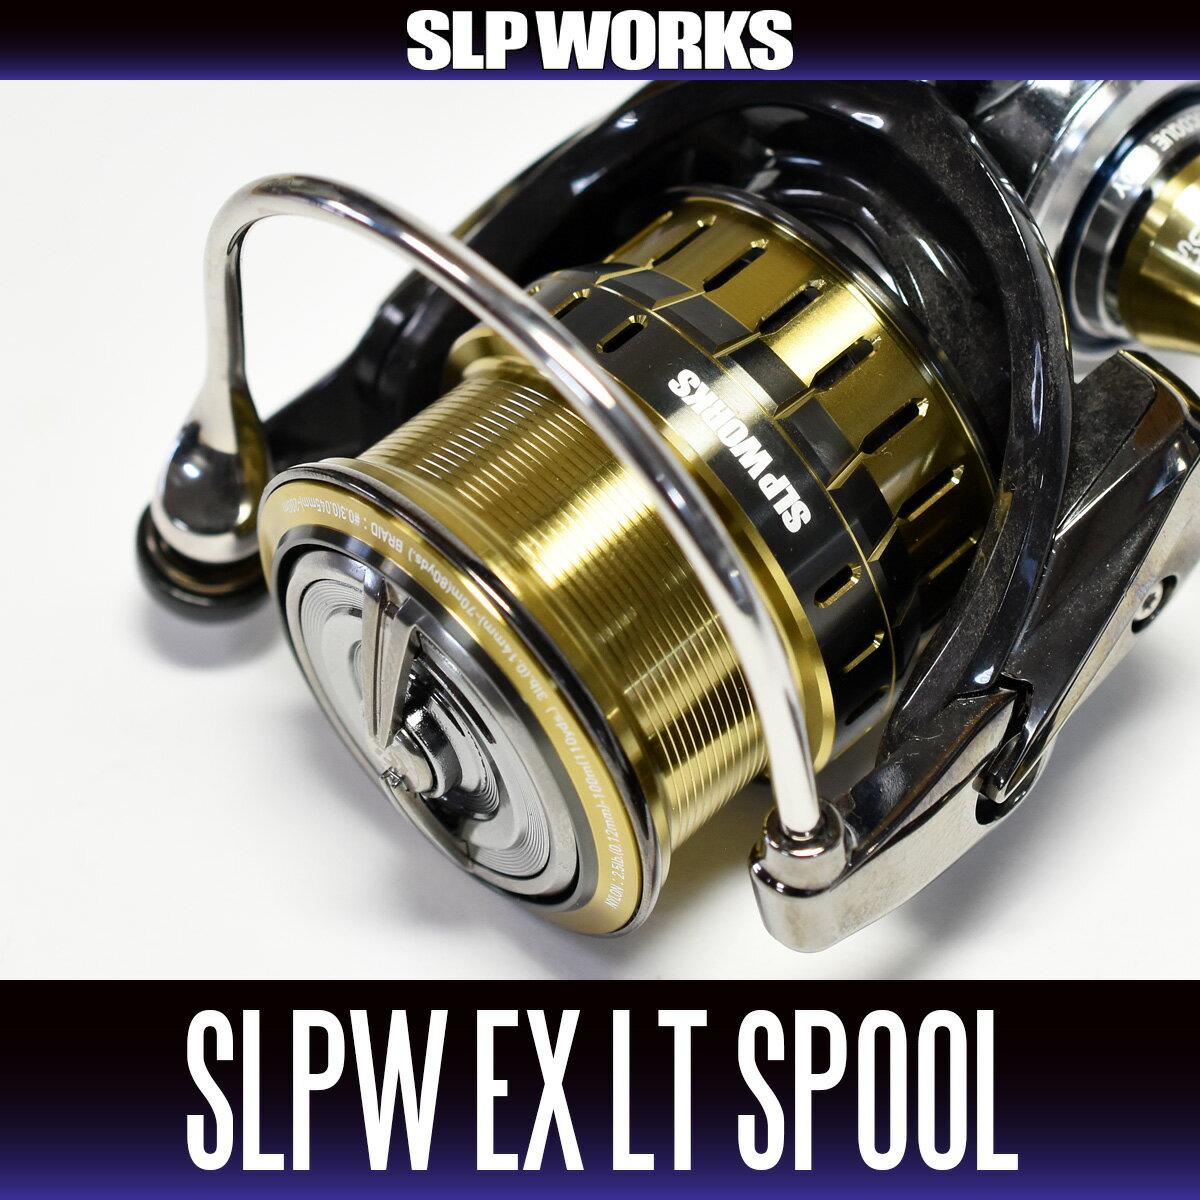 【ダイワ純正】SLPW 18イグジスト用 EX LTスプール (2000SS,2500S,2500,3000S)